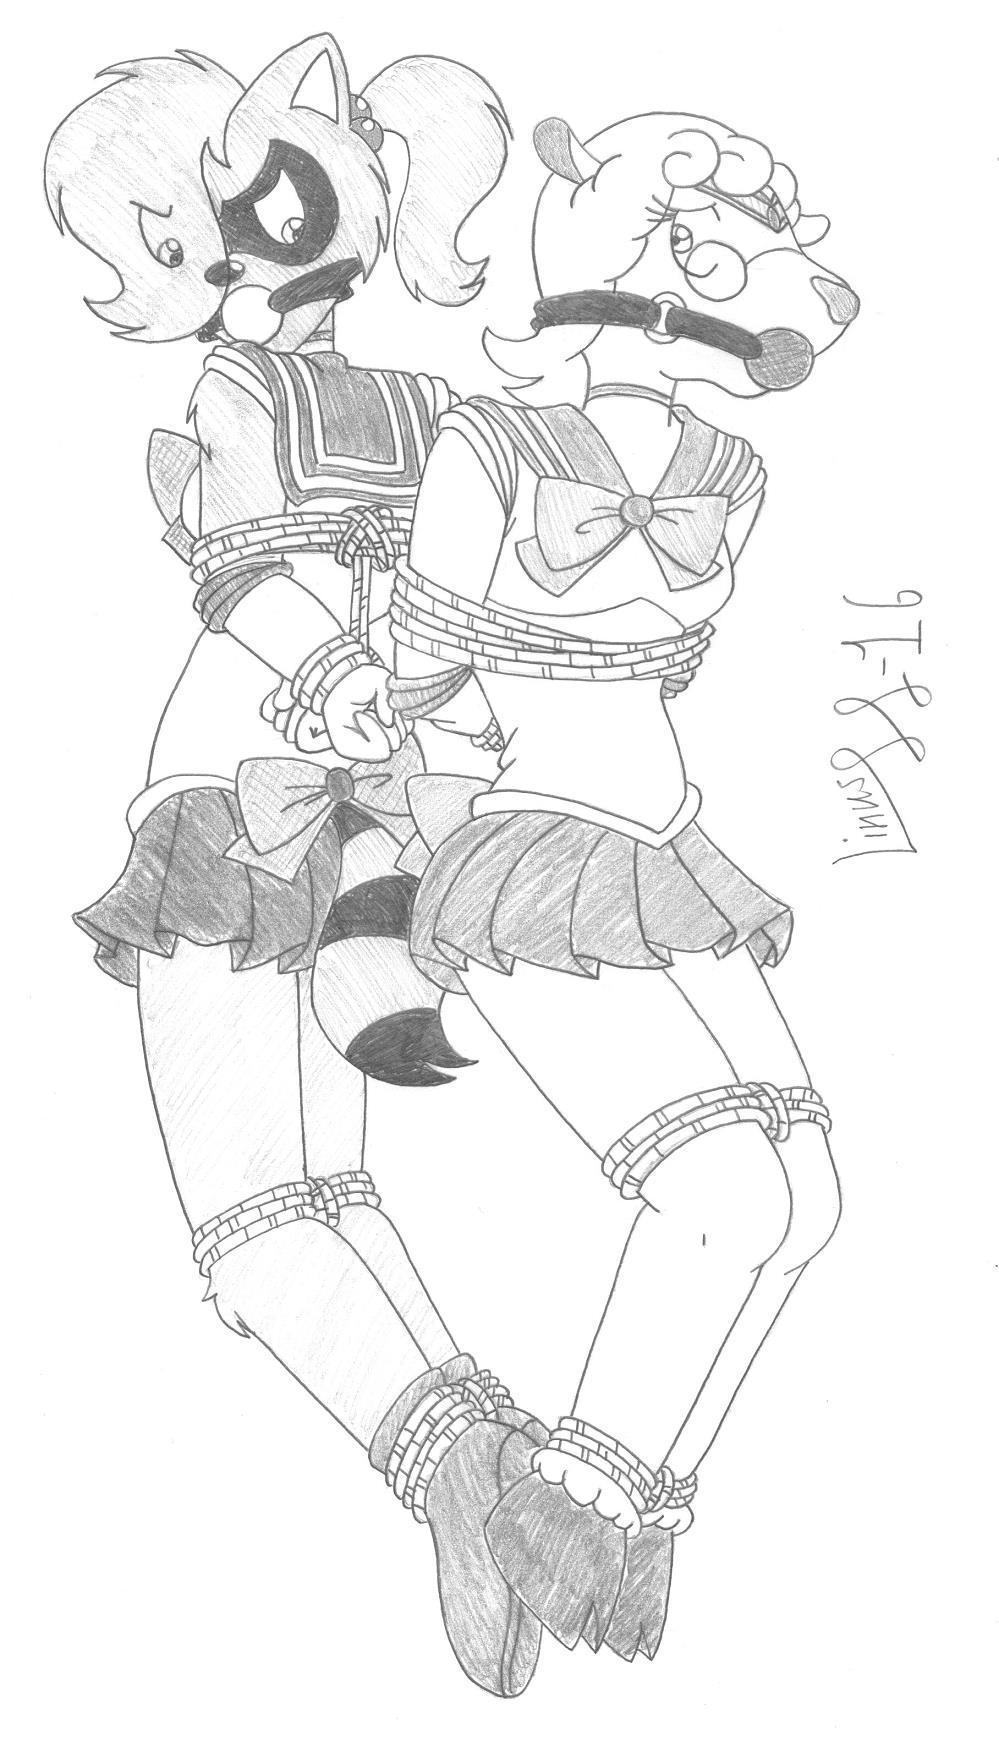 Sailor scouts bondage